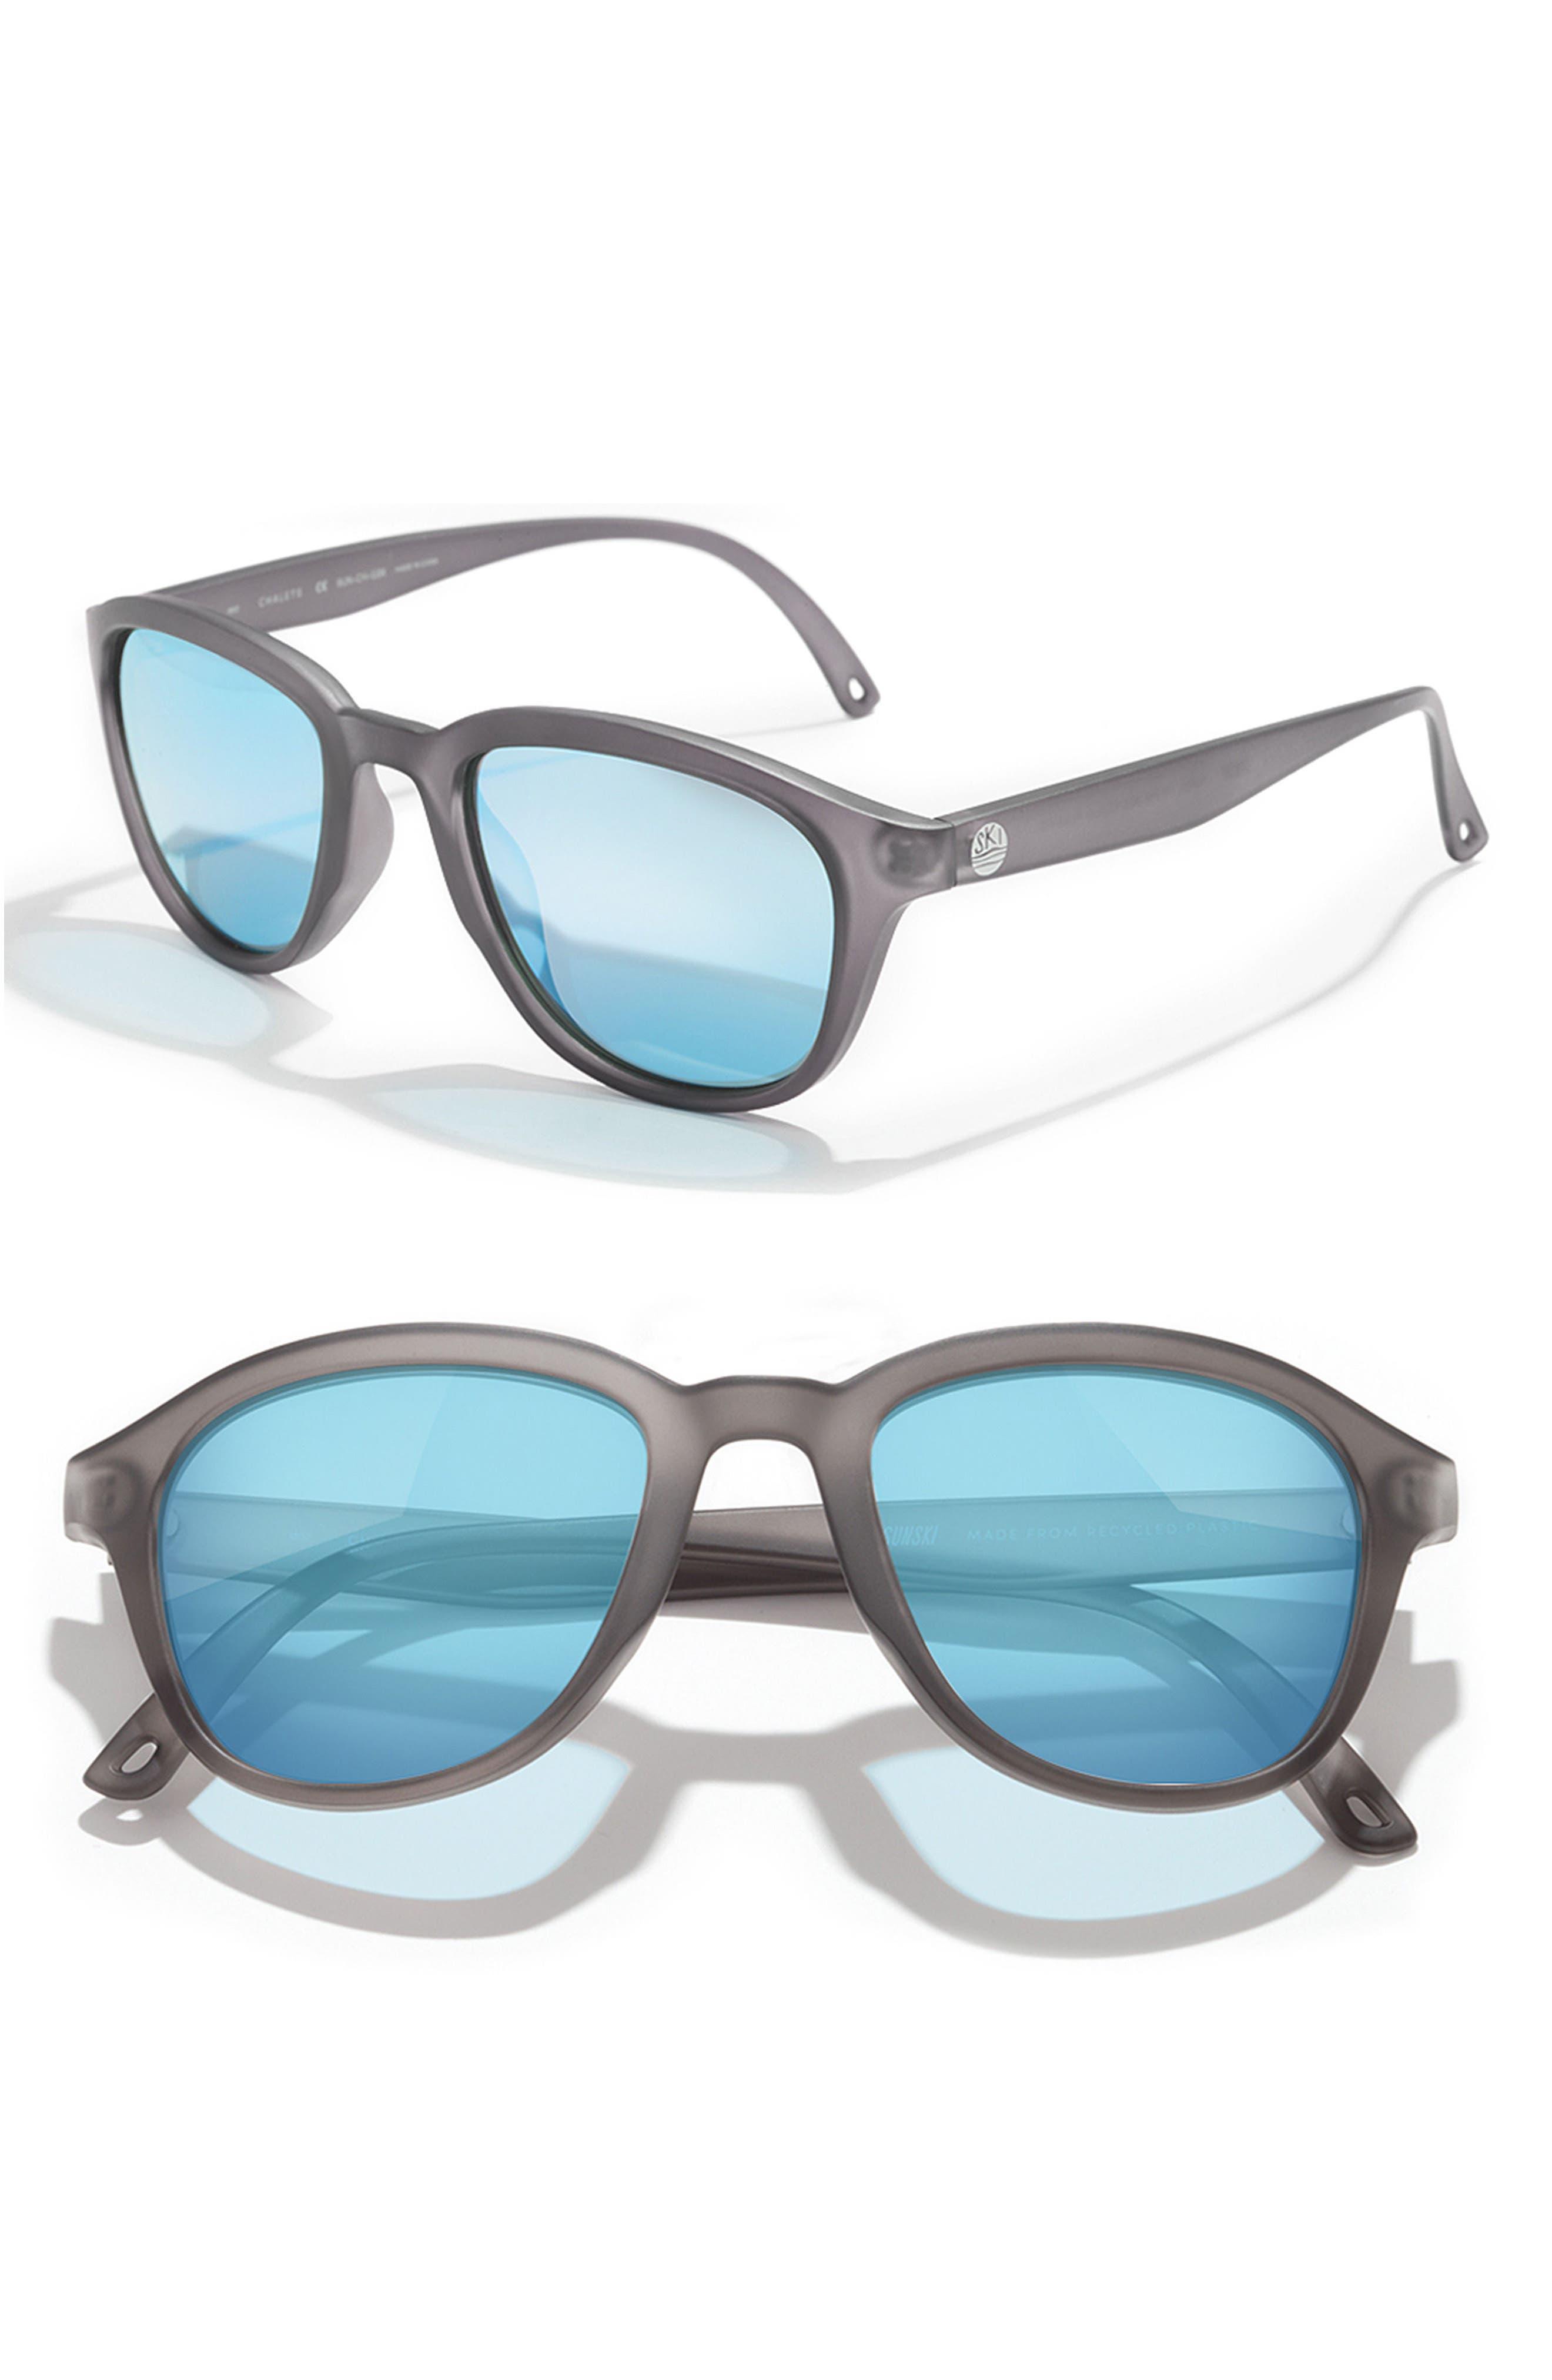 7f70d81f2f Sunski Sunglasses for Women